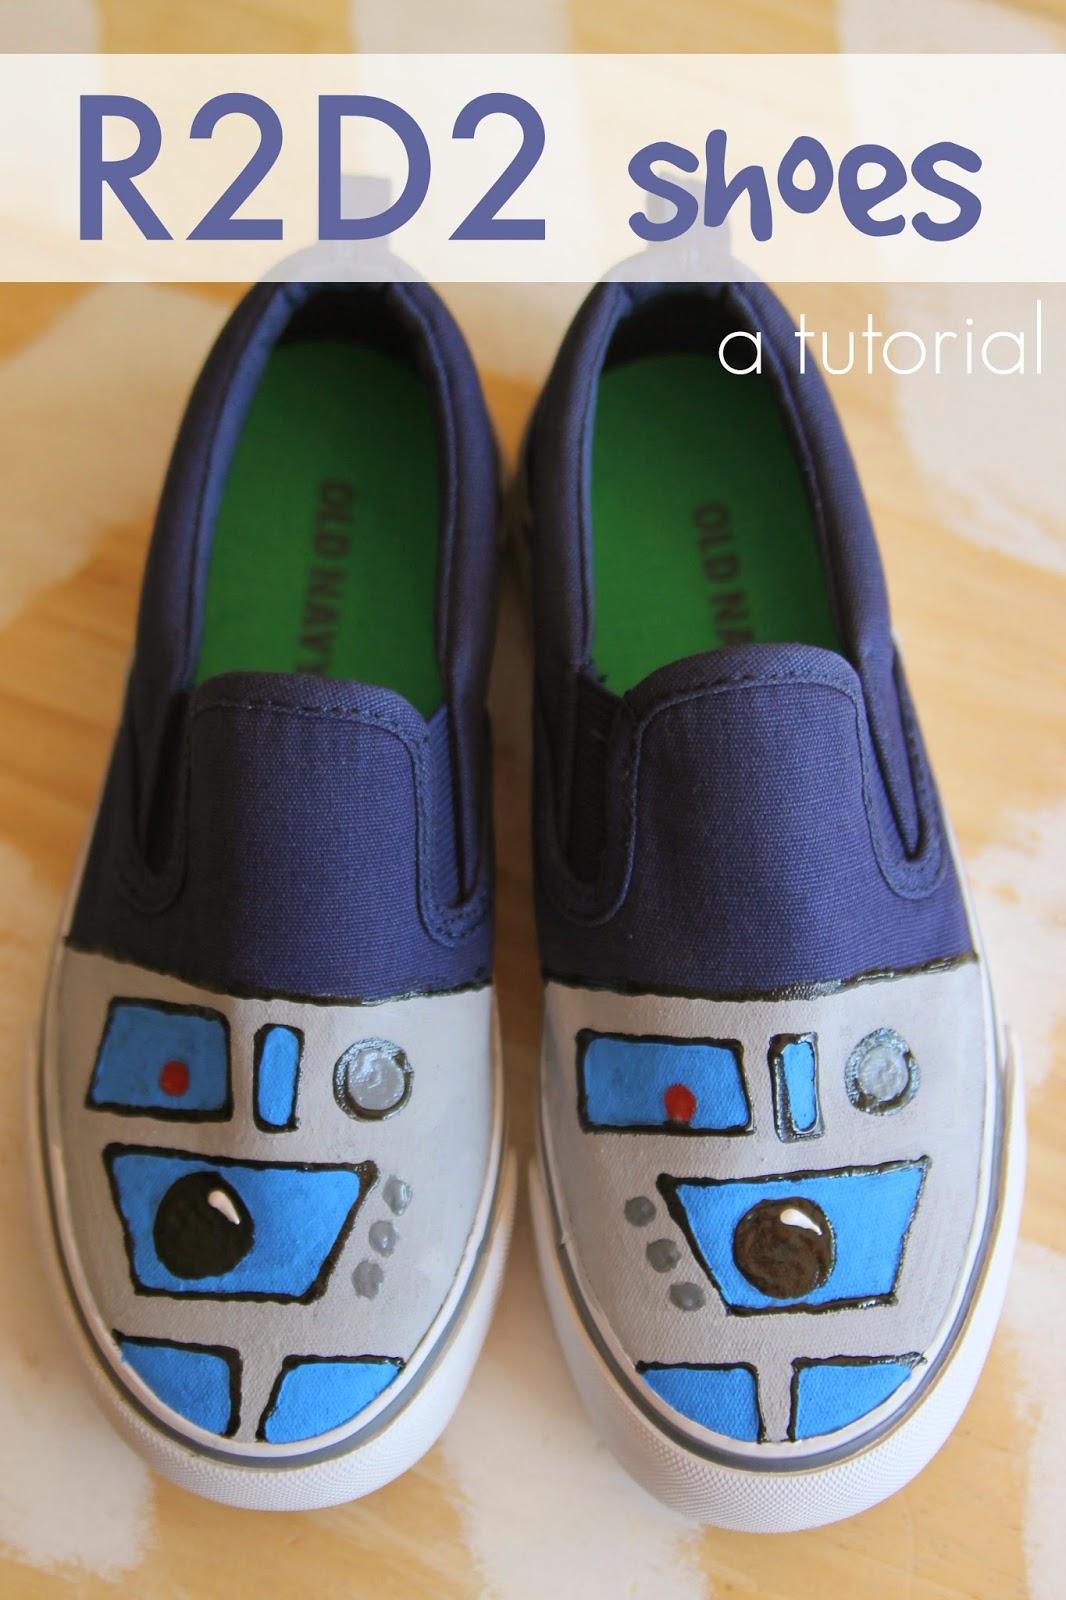 R2D2 Shoe Tutorial